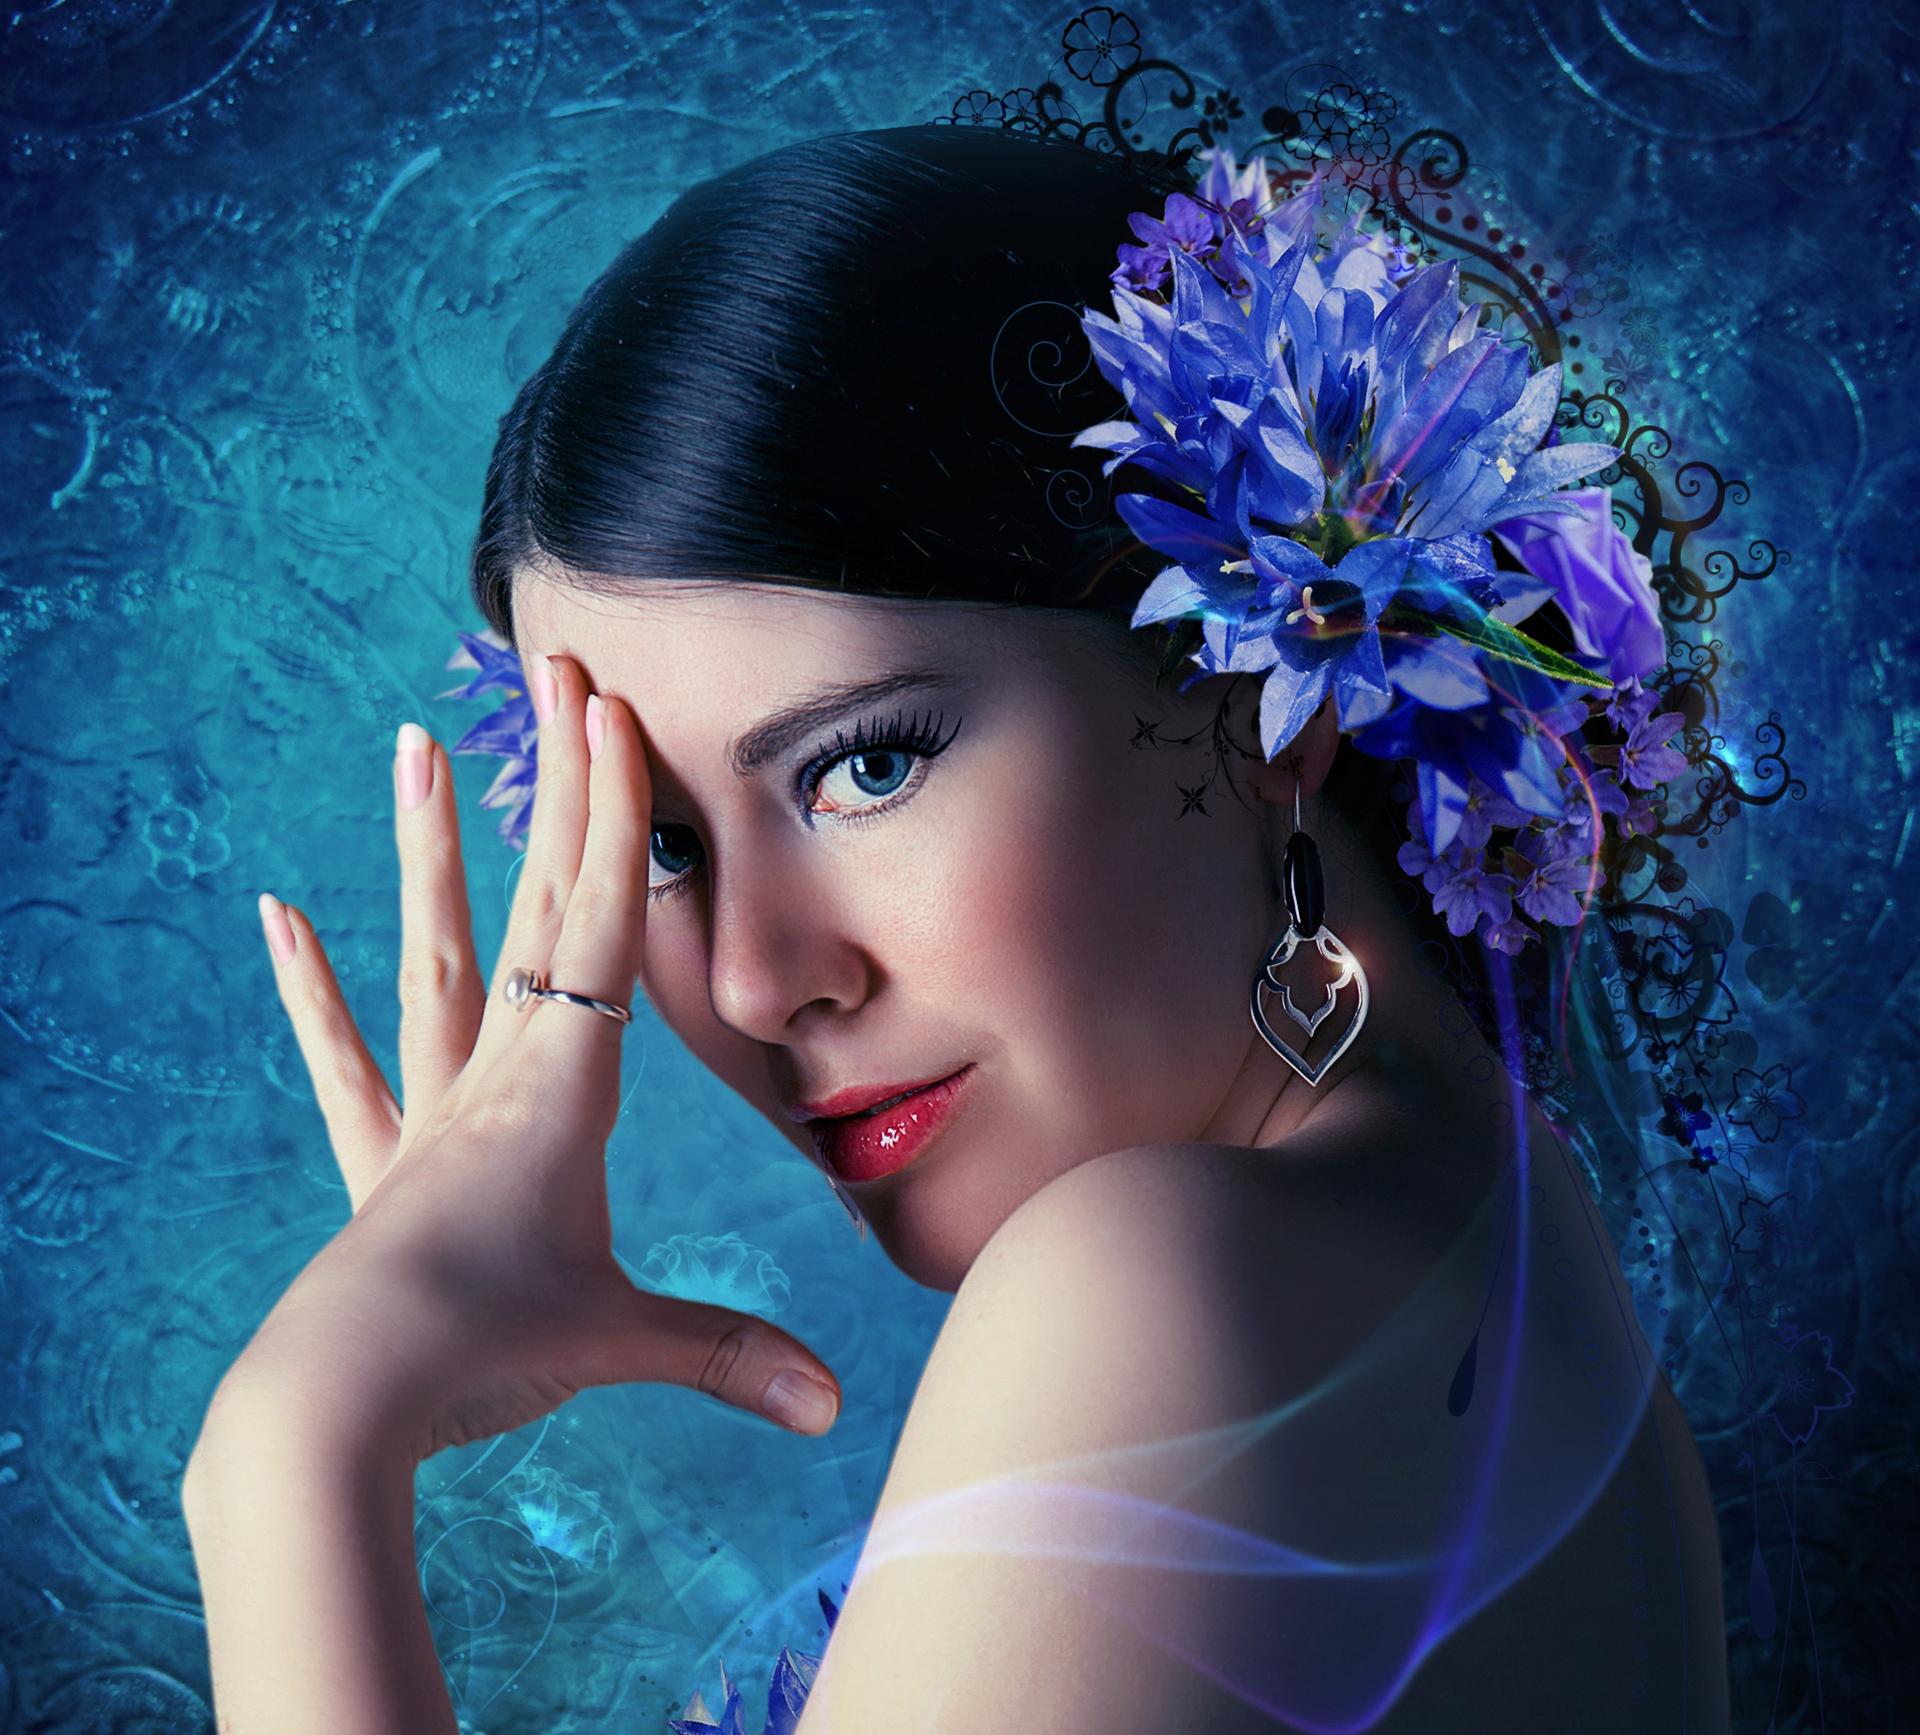 عکس دختری با گل و چشم رنگی